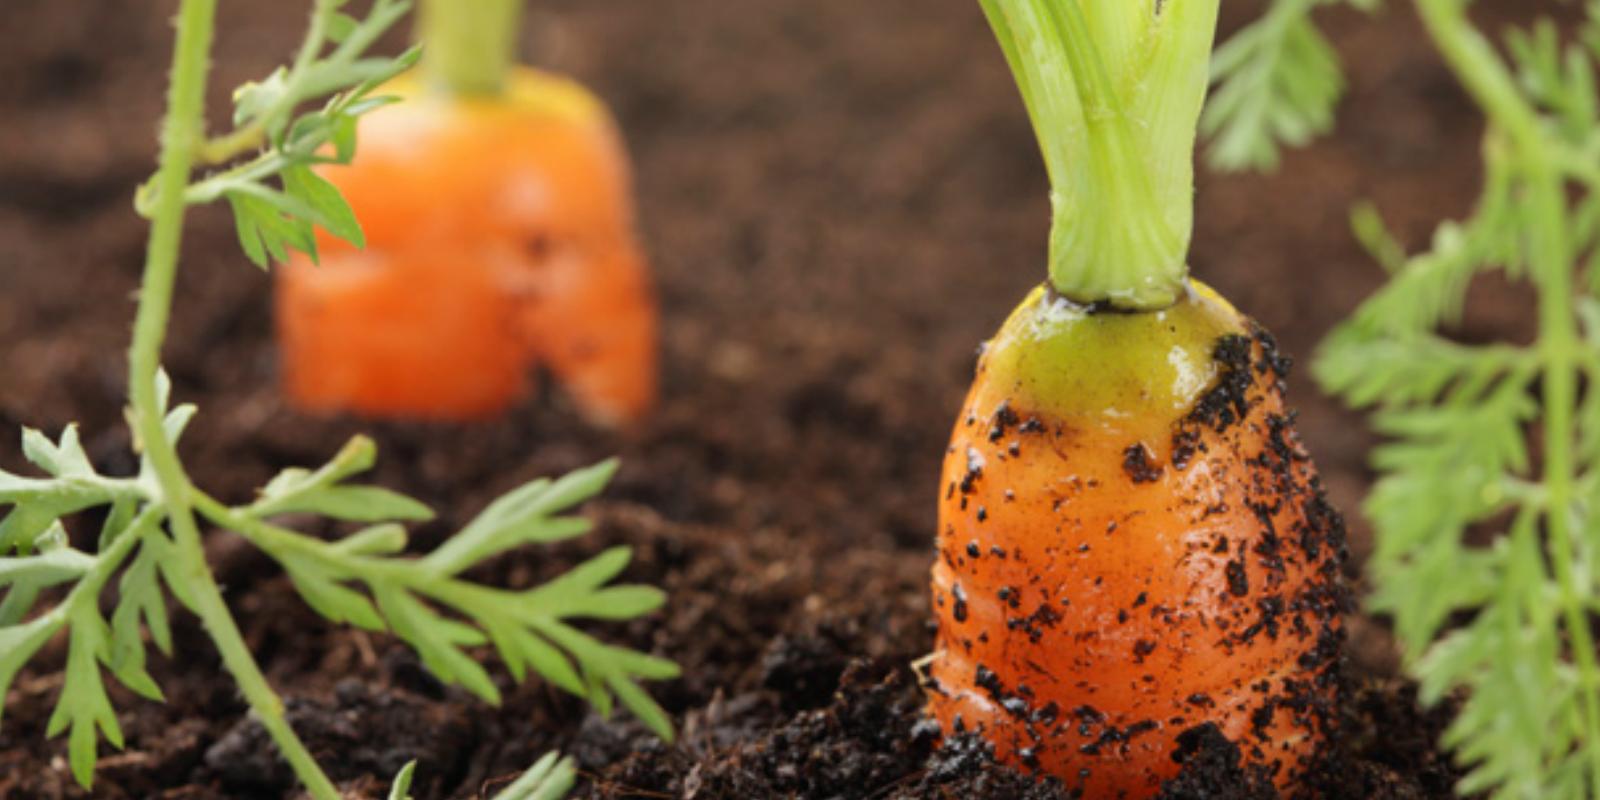 Grow Your Own Organic Garden!